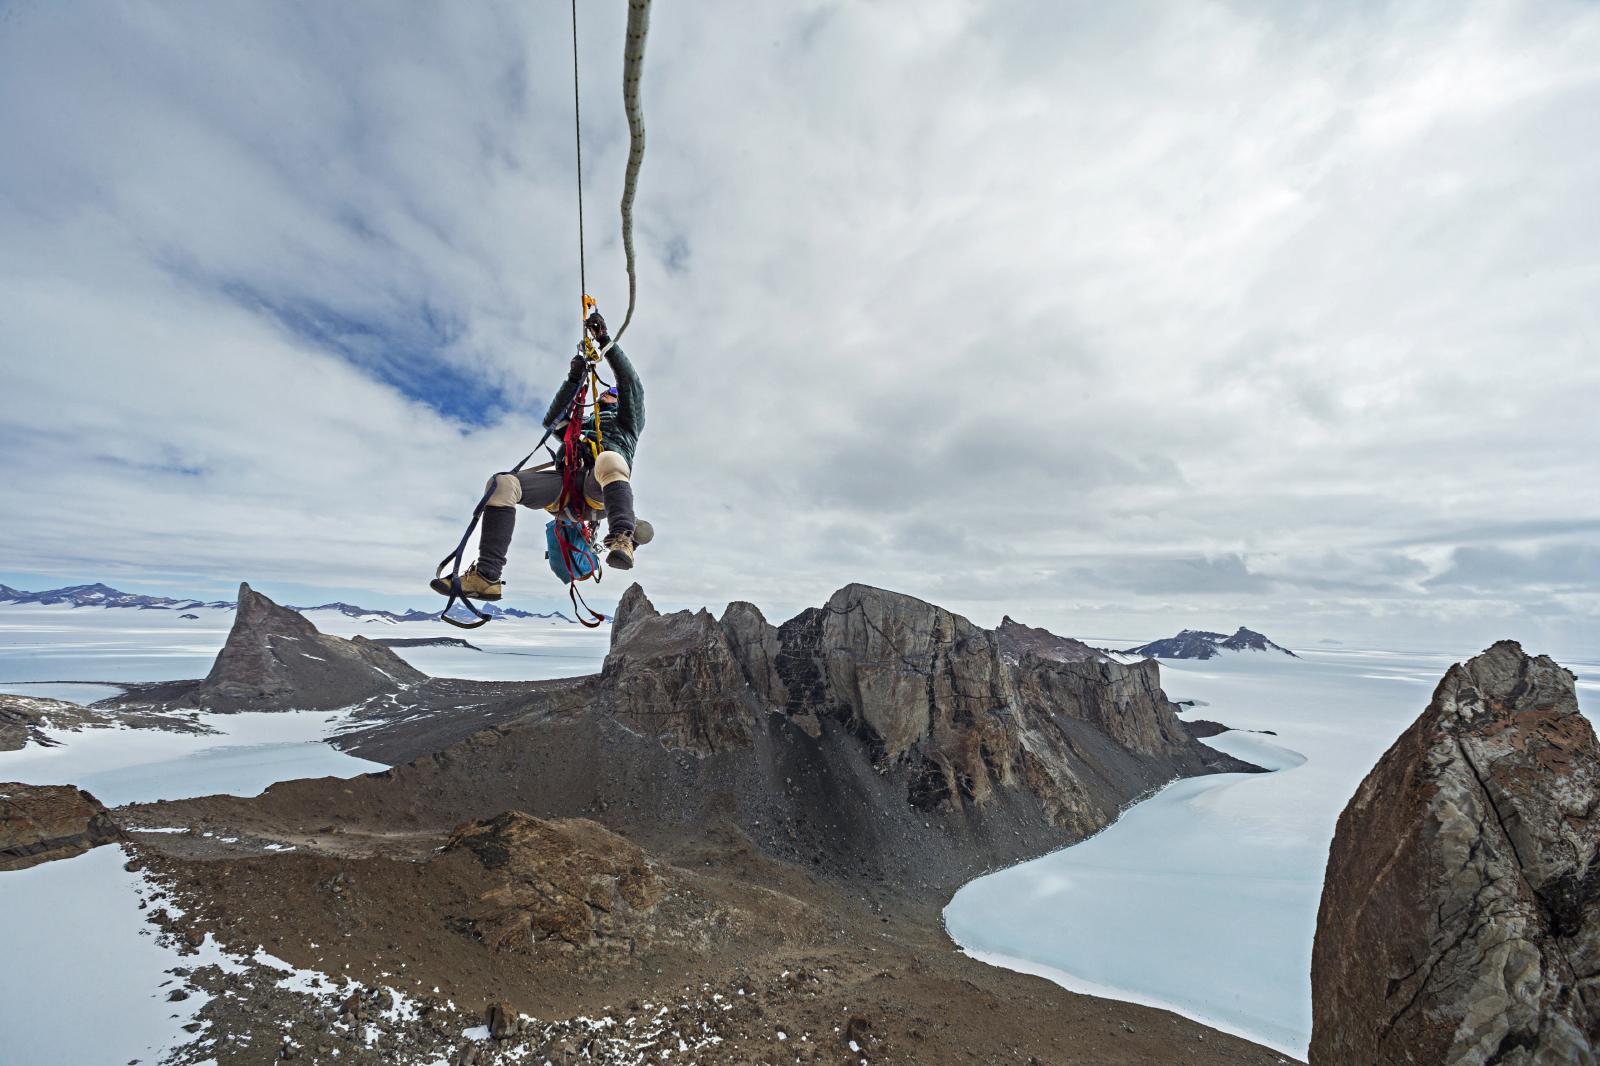 Скалолаз Майк Либеки (Mike Libecki) взбирается на скалу в горном массиве Вольтат на территории З